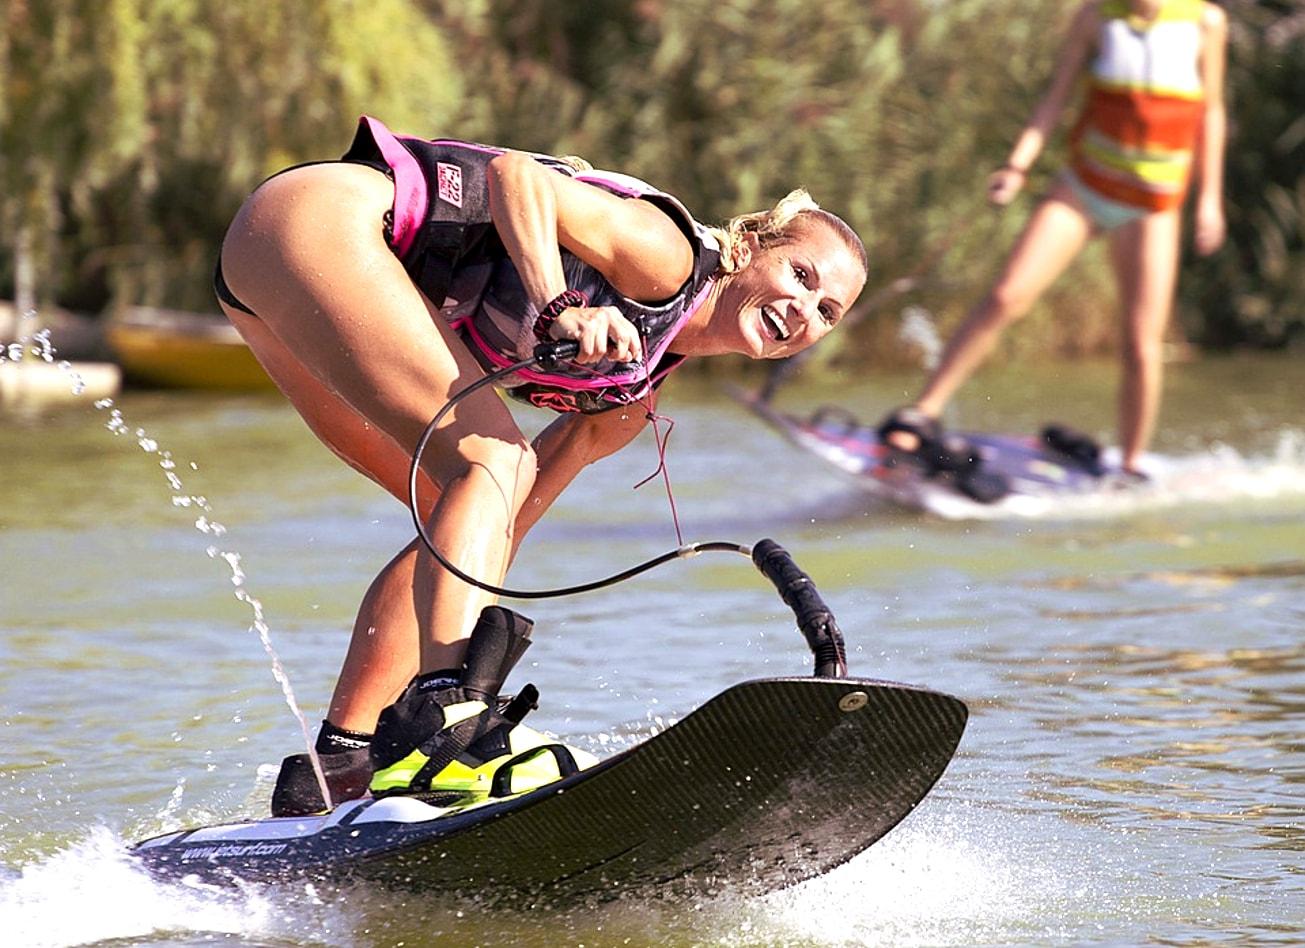 ski nautique teleski wake board bangkok activites vimigo